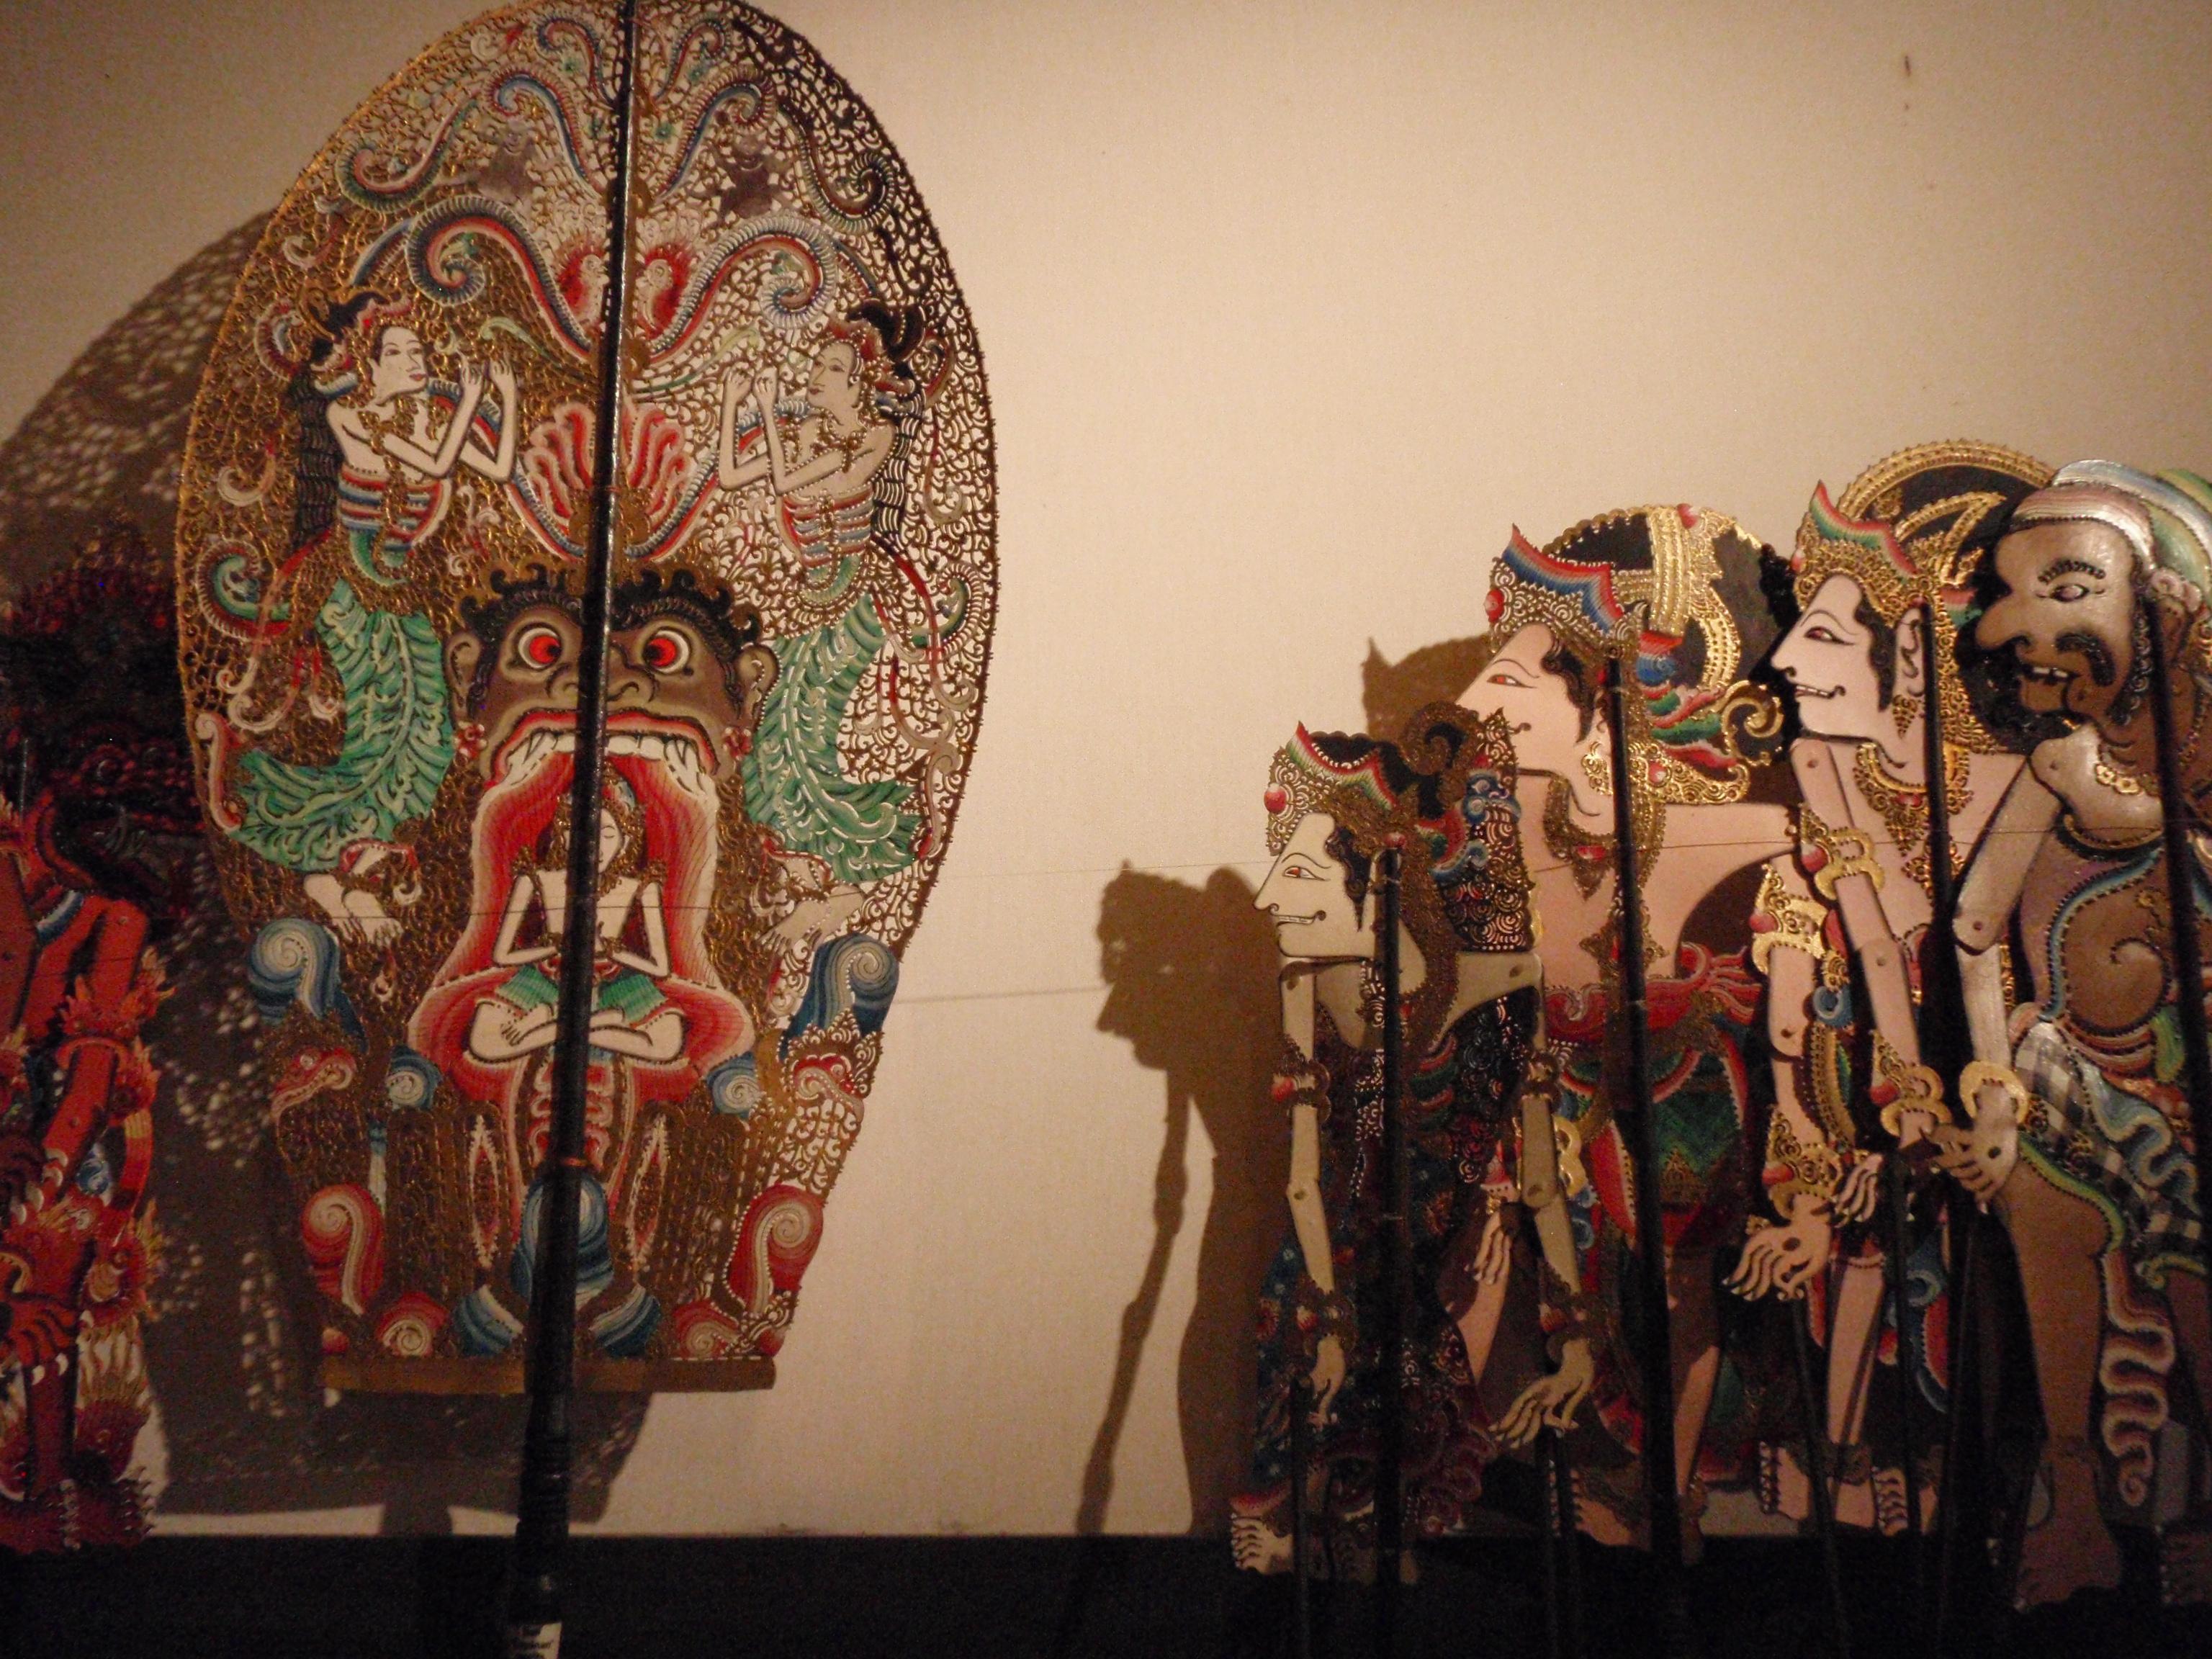 Wayang Calonarang (Bali), l'histoire de la sorcière Calonarang, qui symbolise les forces du mal et la magie noire, une histoire de bien contre le mal. Créateur du wayang : I Made Sidja (Bone, Gianyar, Bali). Collection : Setia Darma House of Masks and Puppets, Gianyar, Bali, Indonésie.